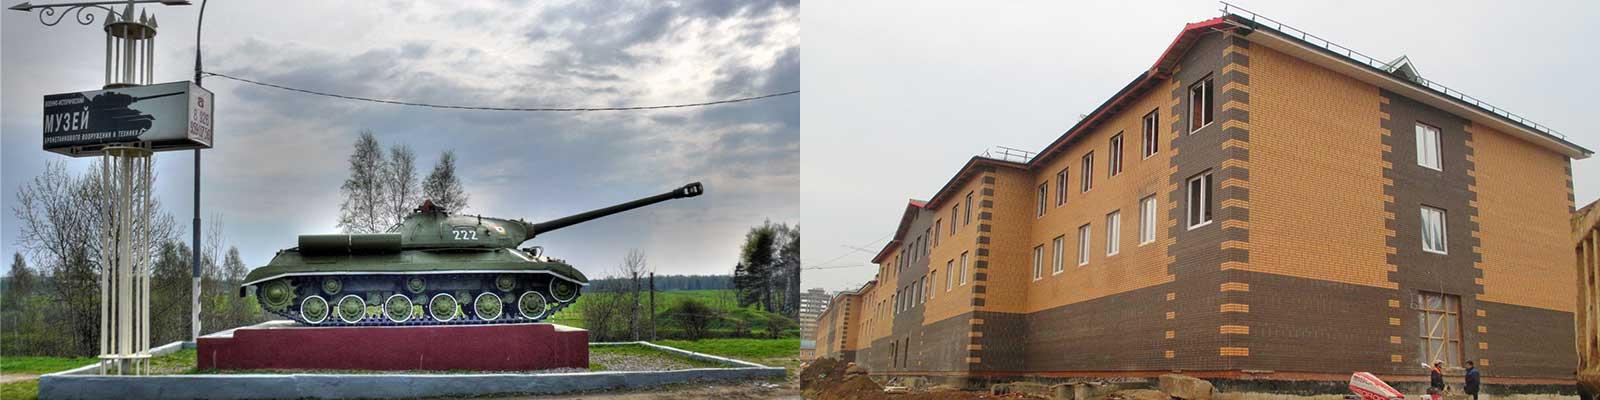 Доставка бетона в Кубинку